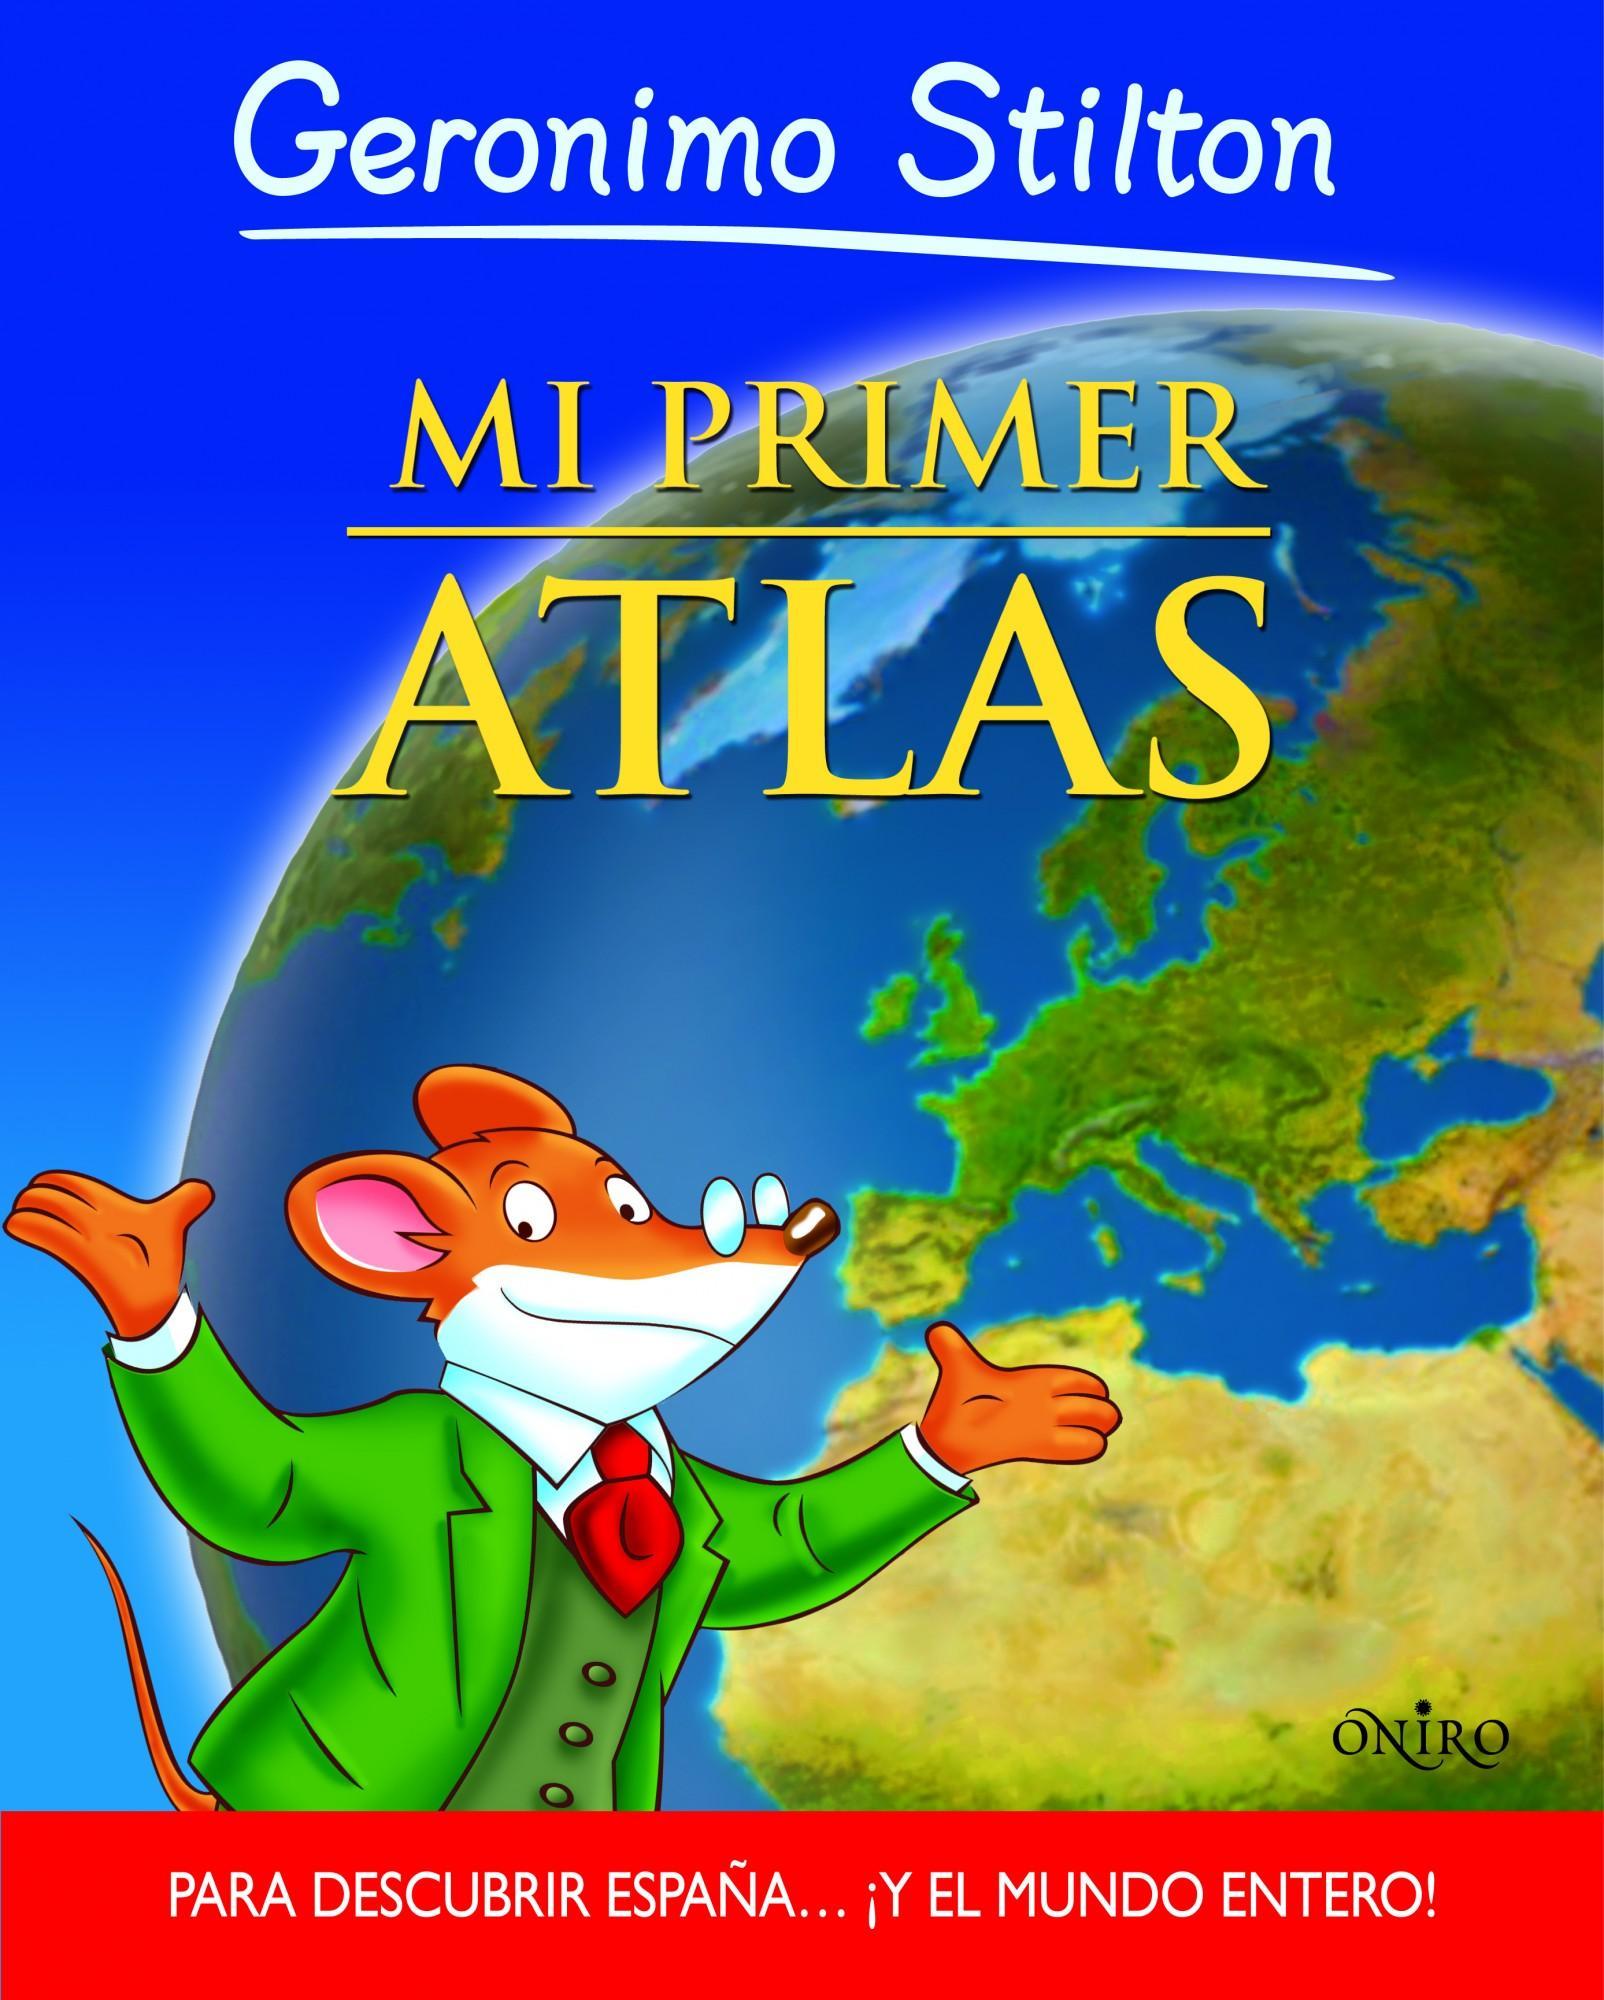 mi-primer-atlas-JeronimoStilton